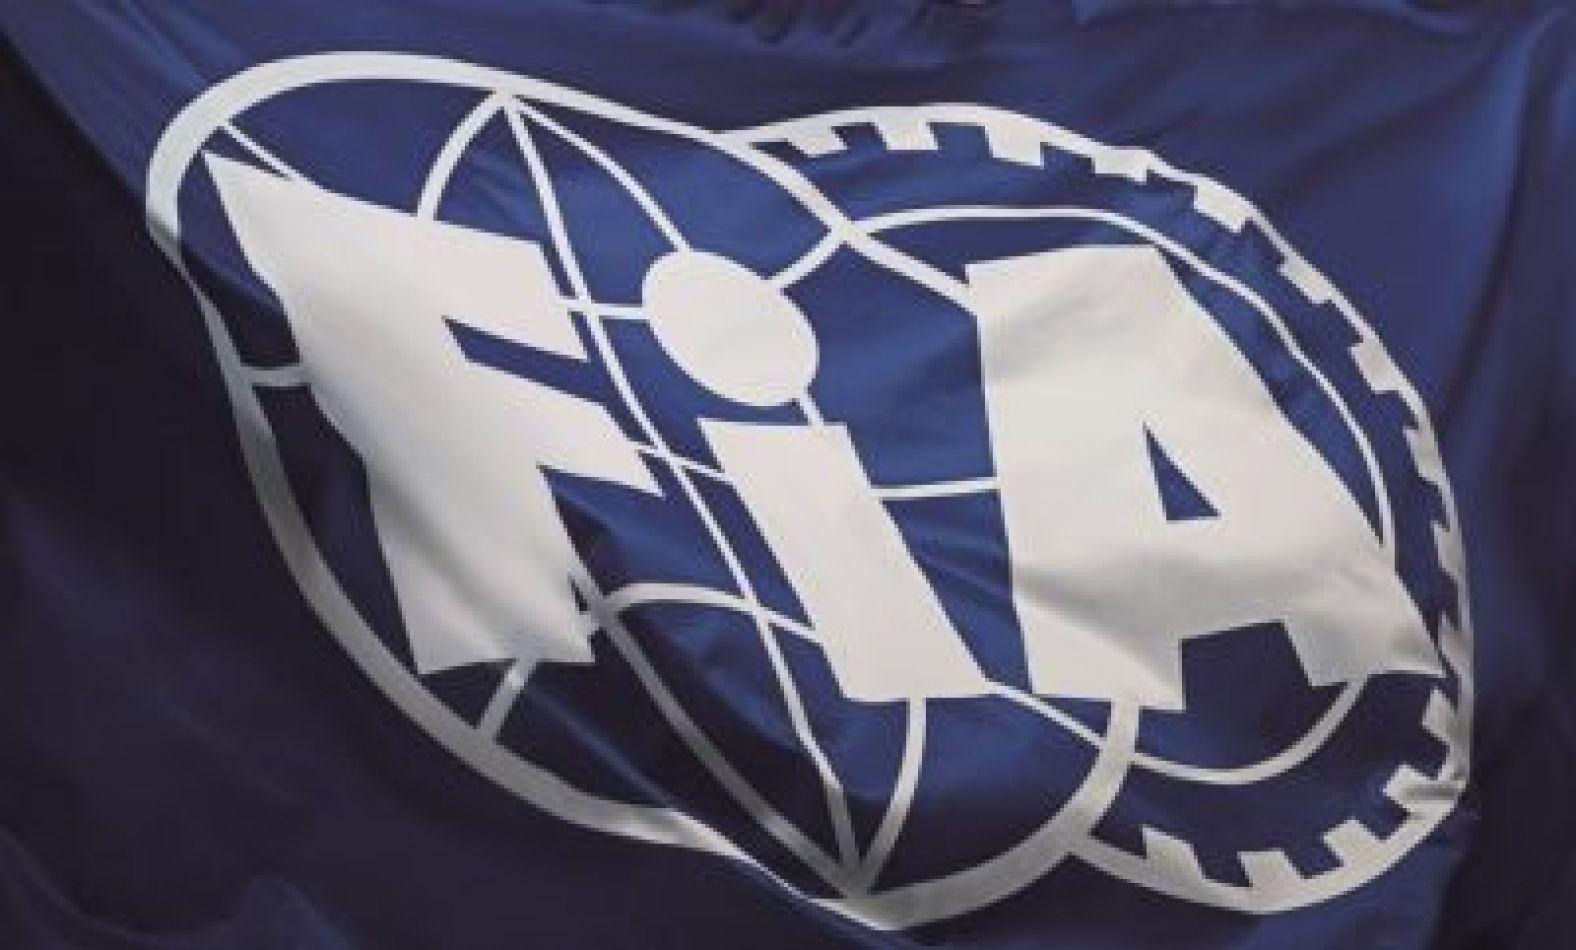 La FIA anunció el nuevo reglamento de la Fórmula 1